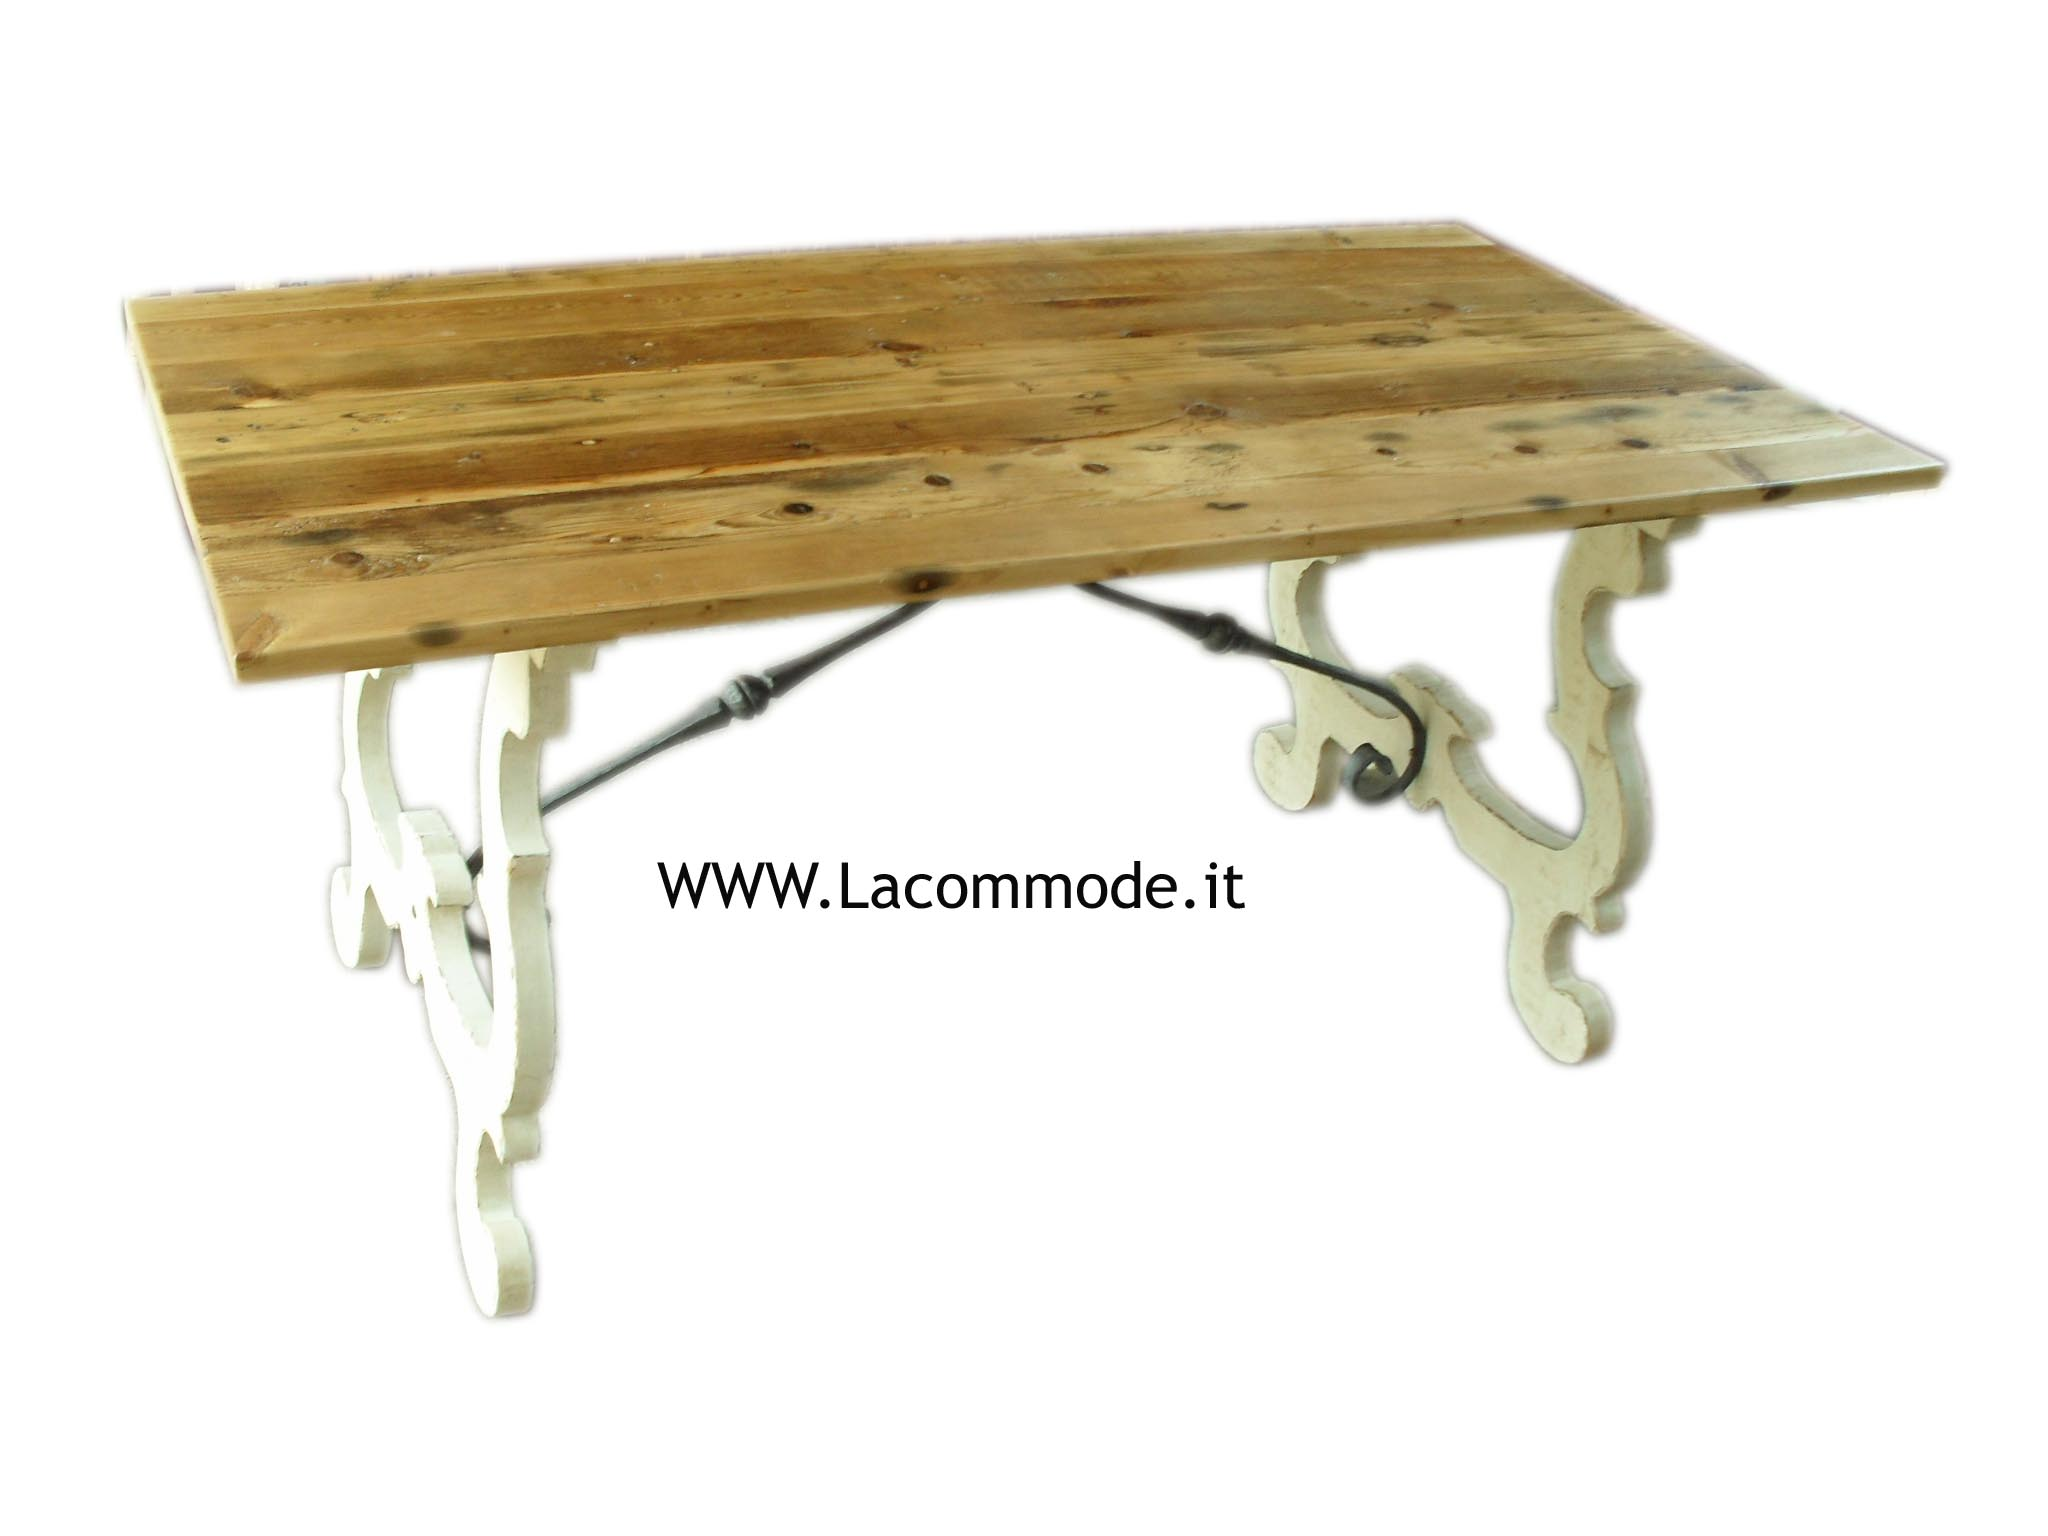 Tavolo fratino a lira con ferri in legno antico - La Commode di Davide Corno